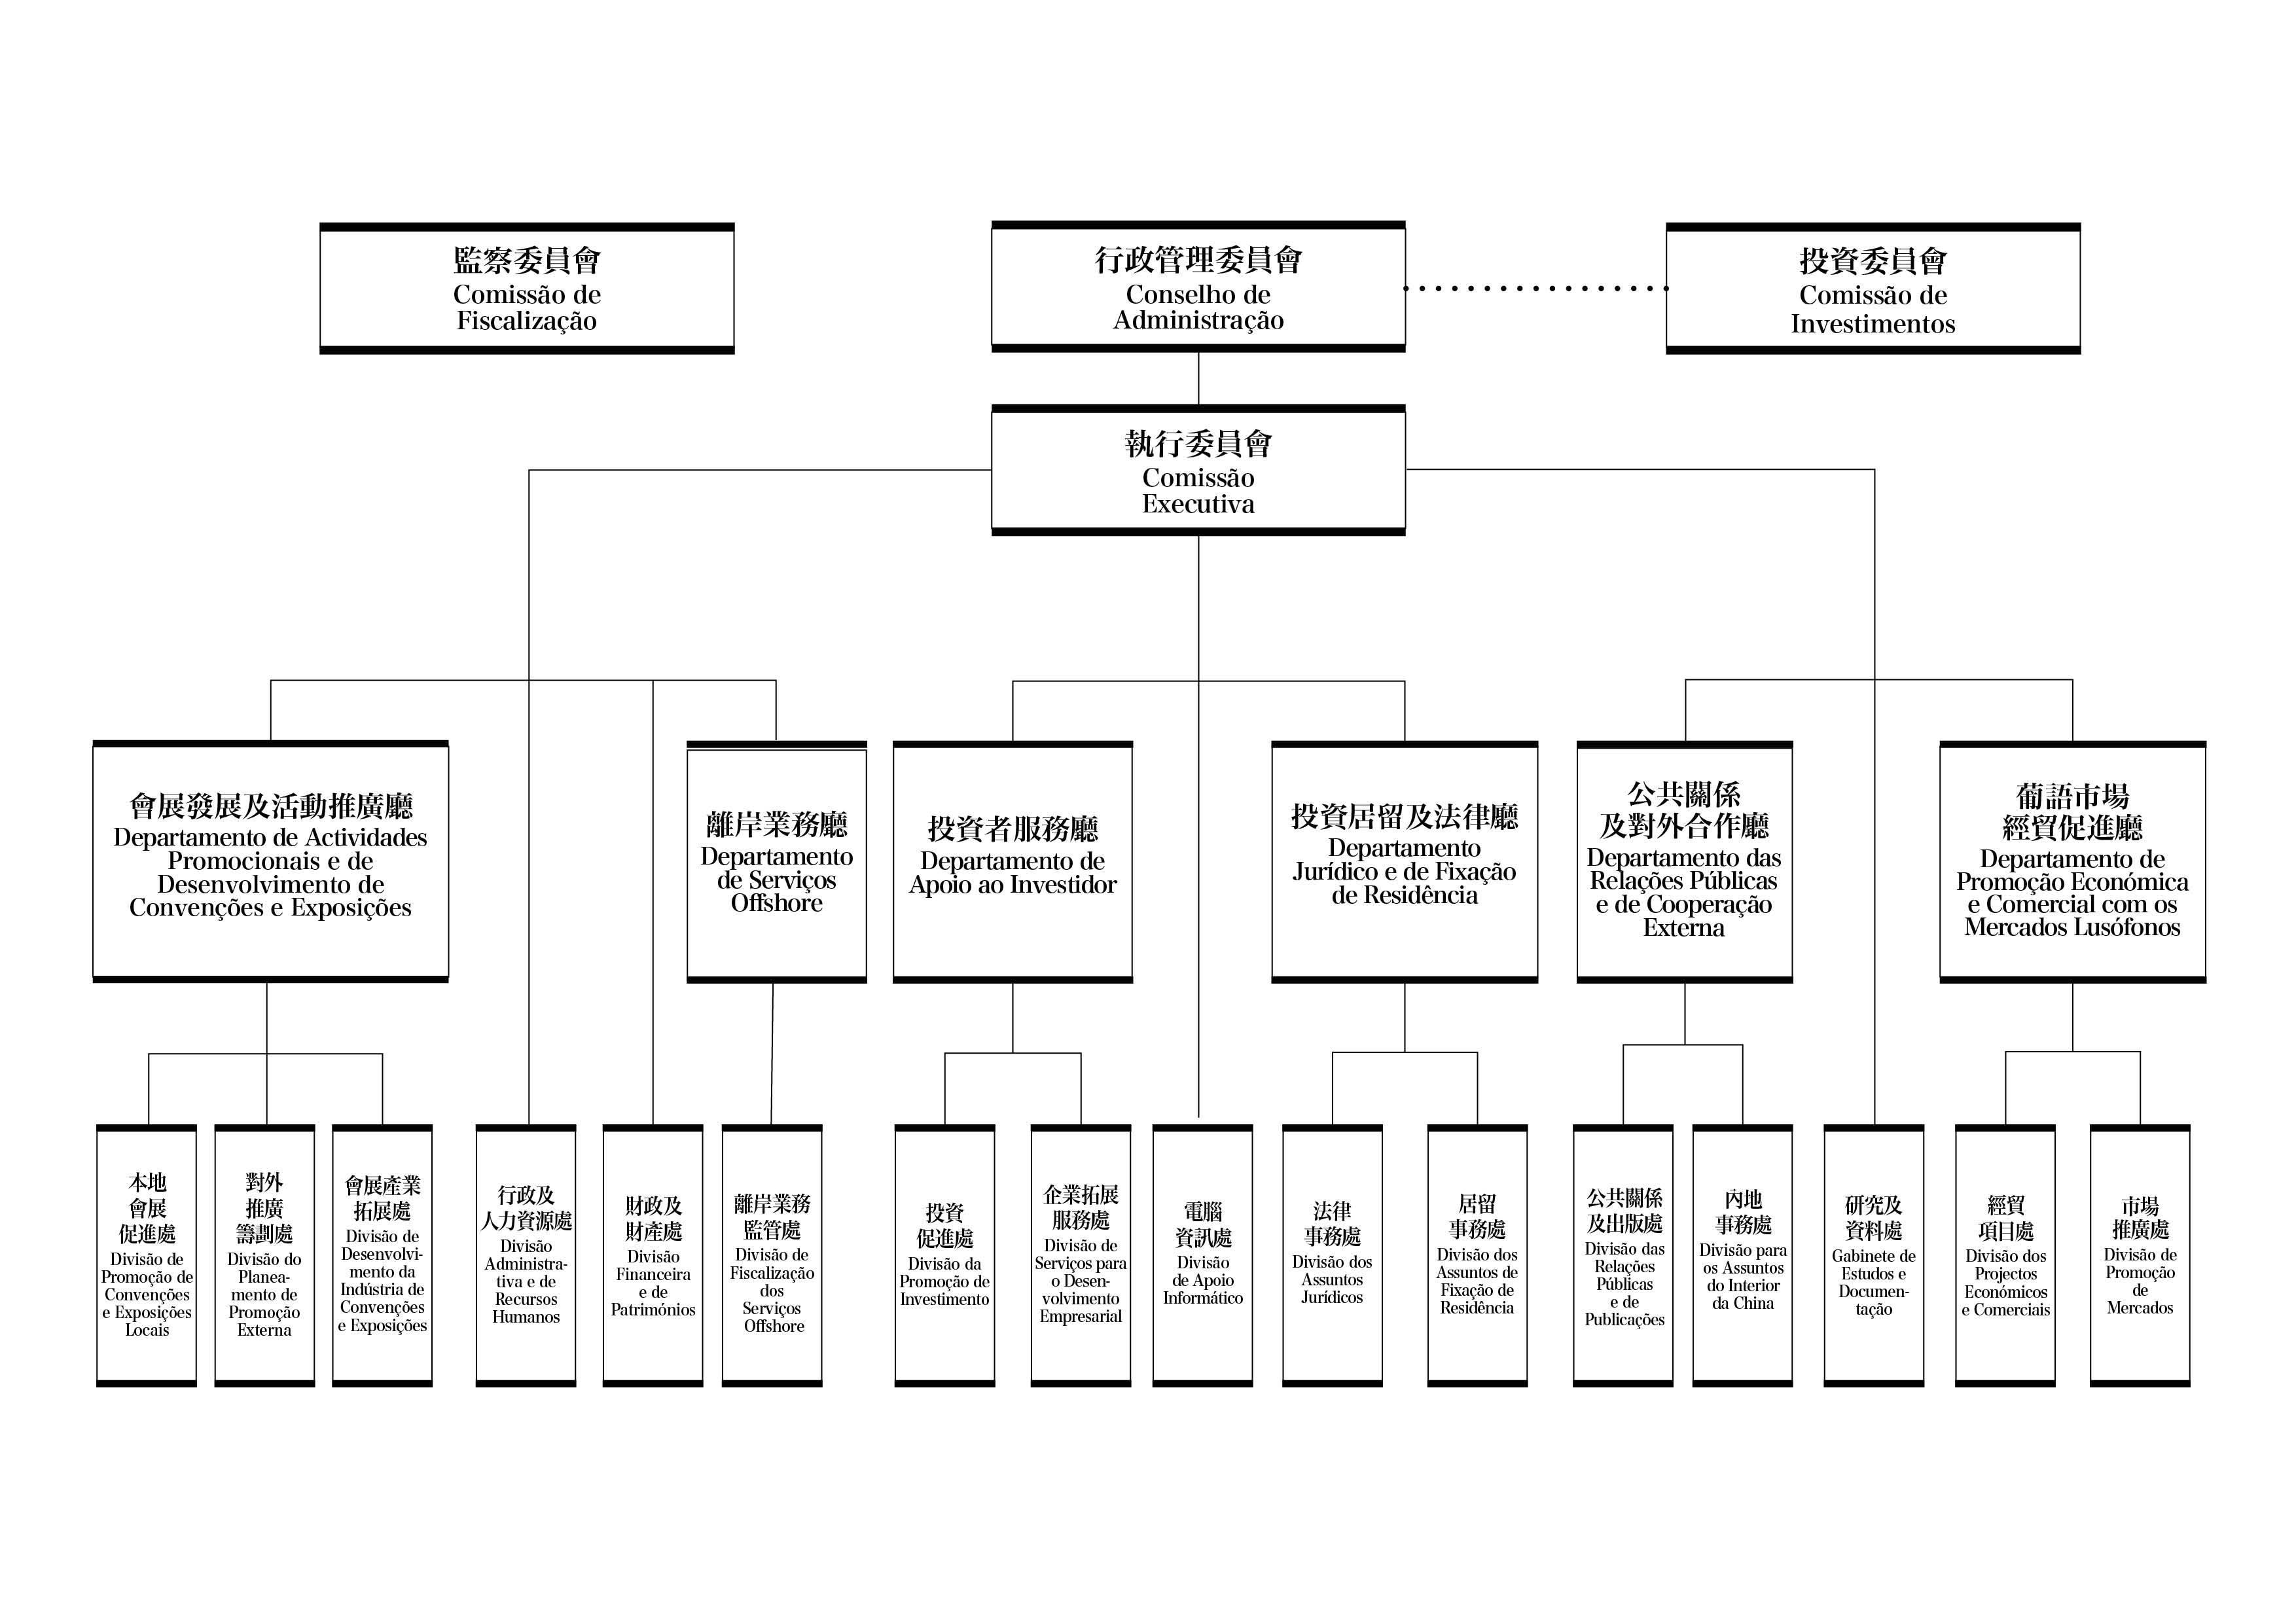 2018_organization_chart1